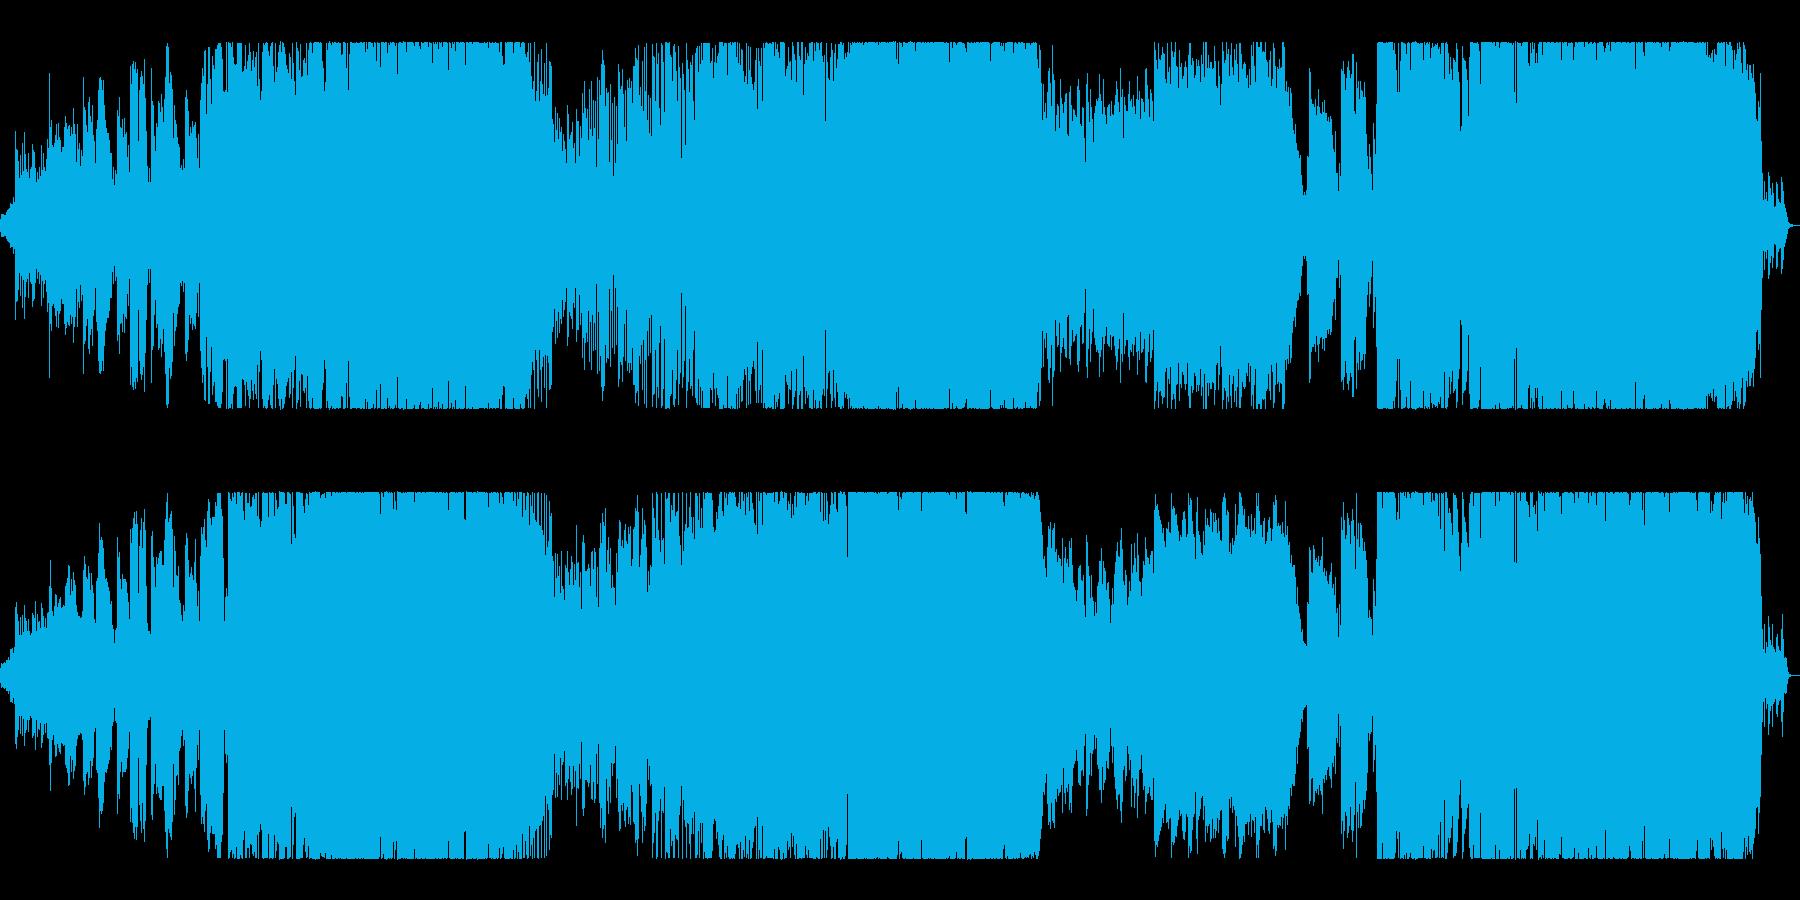 女性が歌い上げる切ないバラードの再生済みの波形